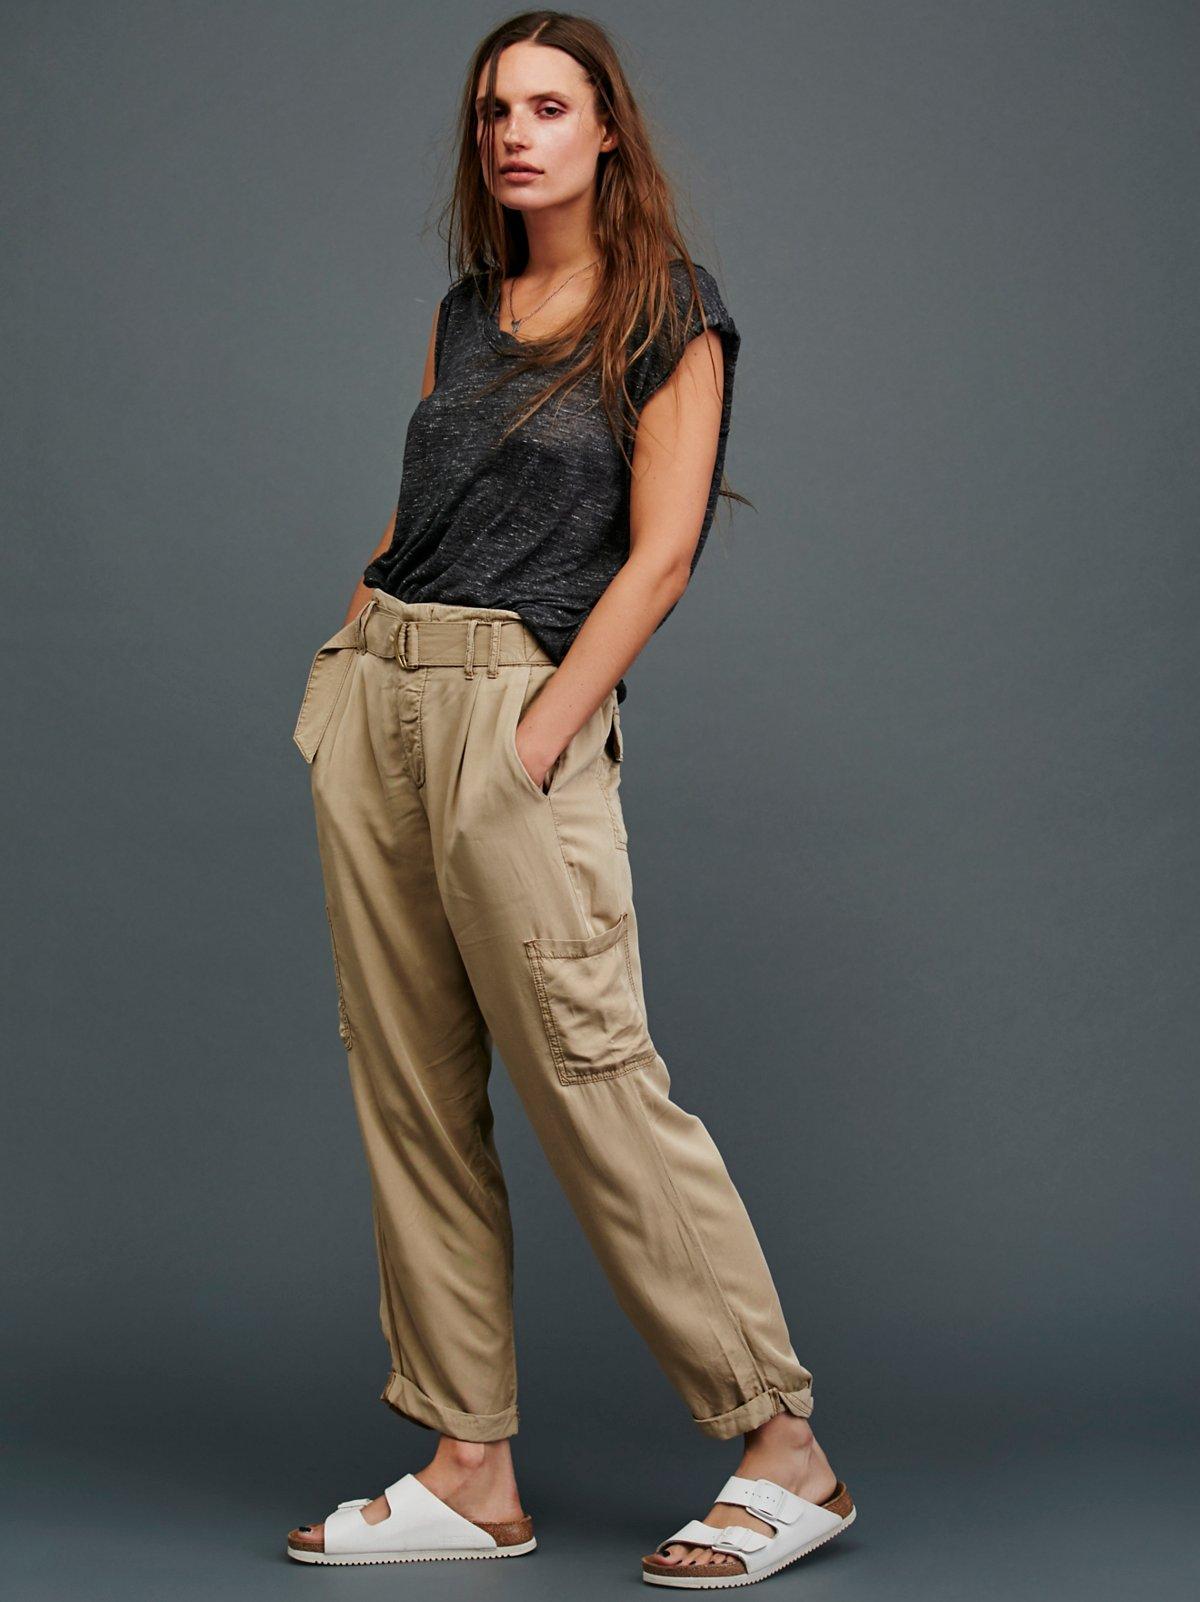 Summer's Over Cargo Pants